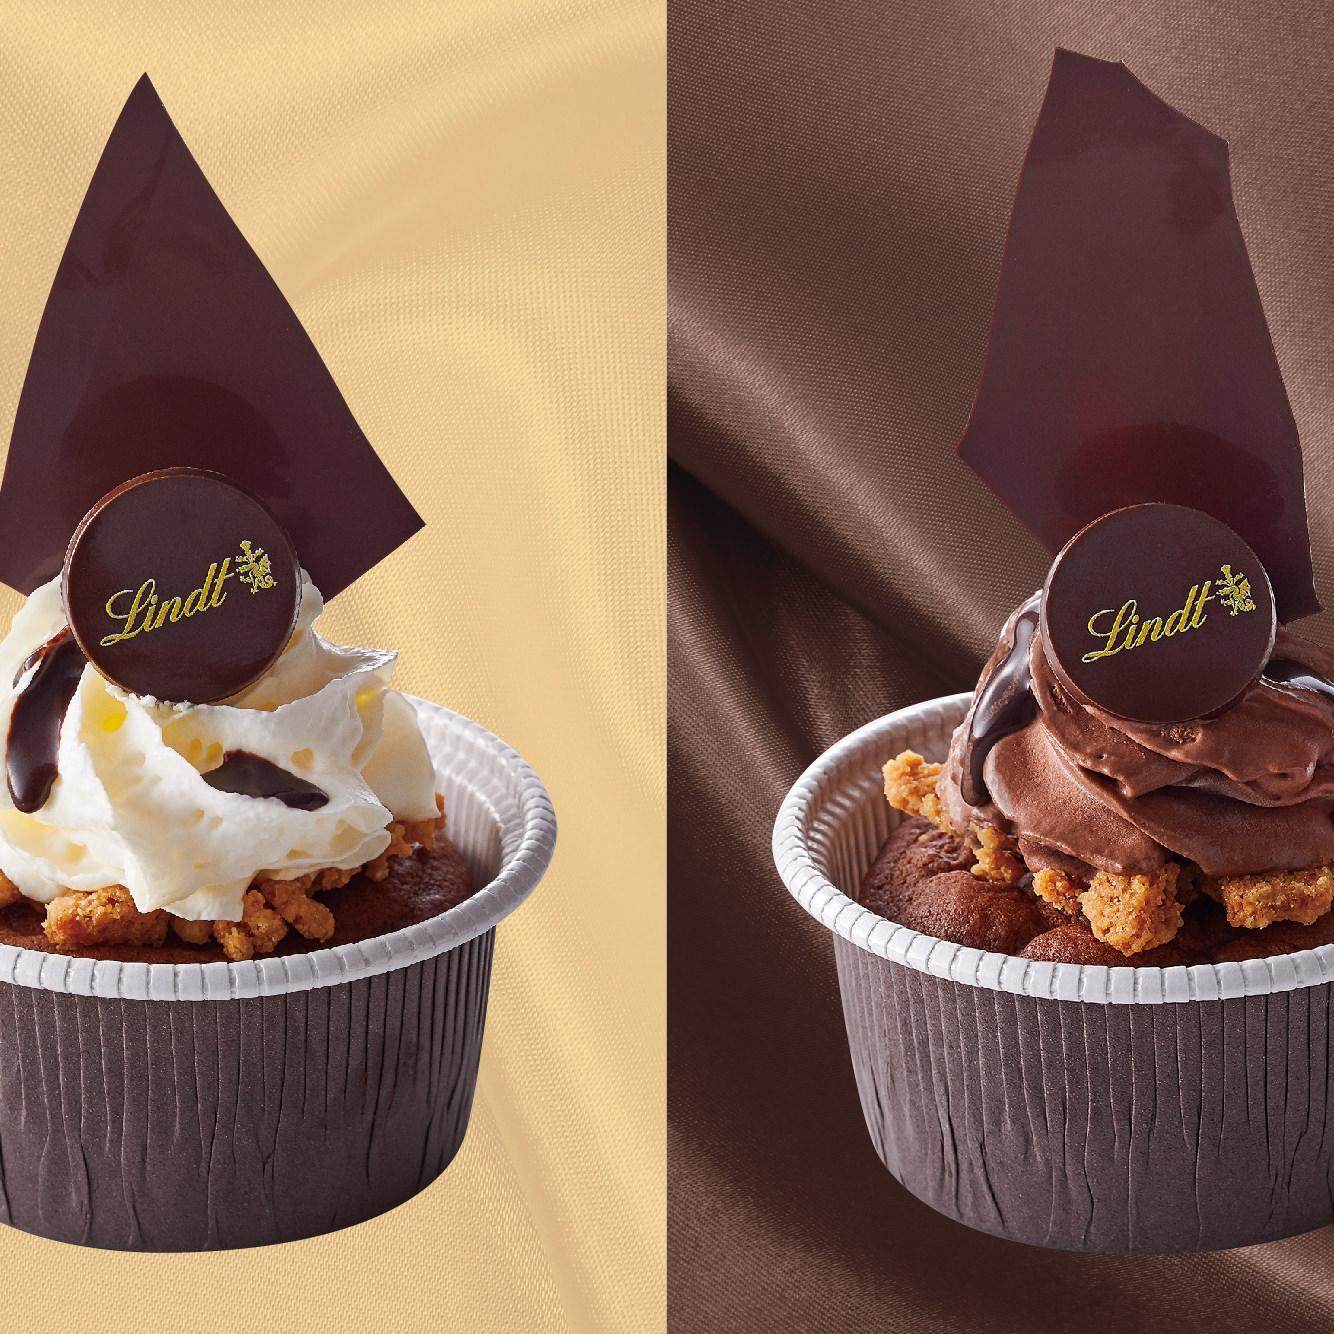 リンツ、温かいショコラデザート「フォンダン オ ショコラ」 とろけるチョコレート生地にふんわりと軽いムースを添えた 「ブラン」と「ノワール」が10月1日発売